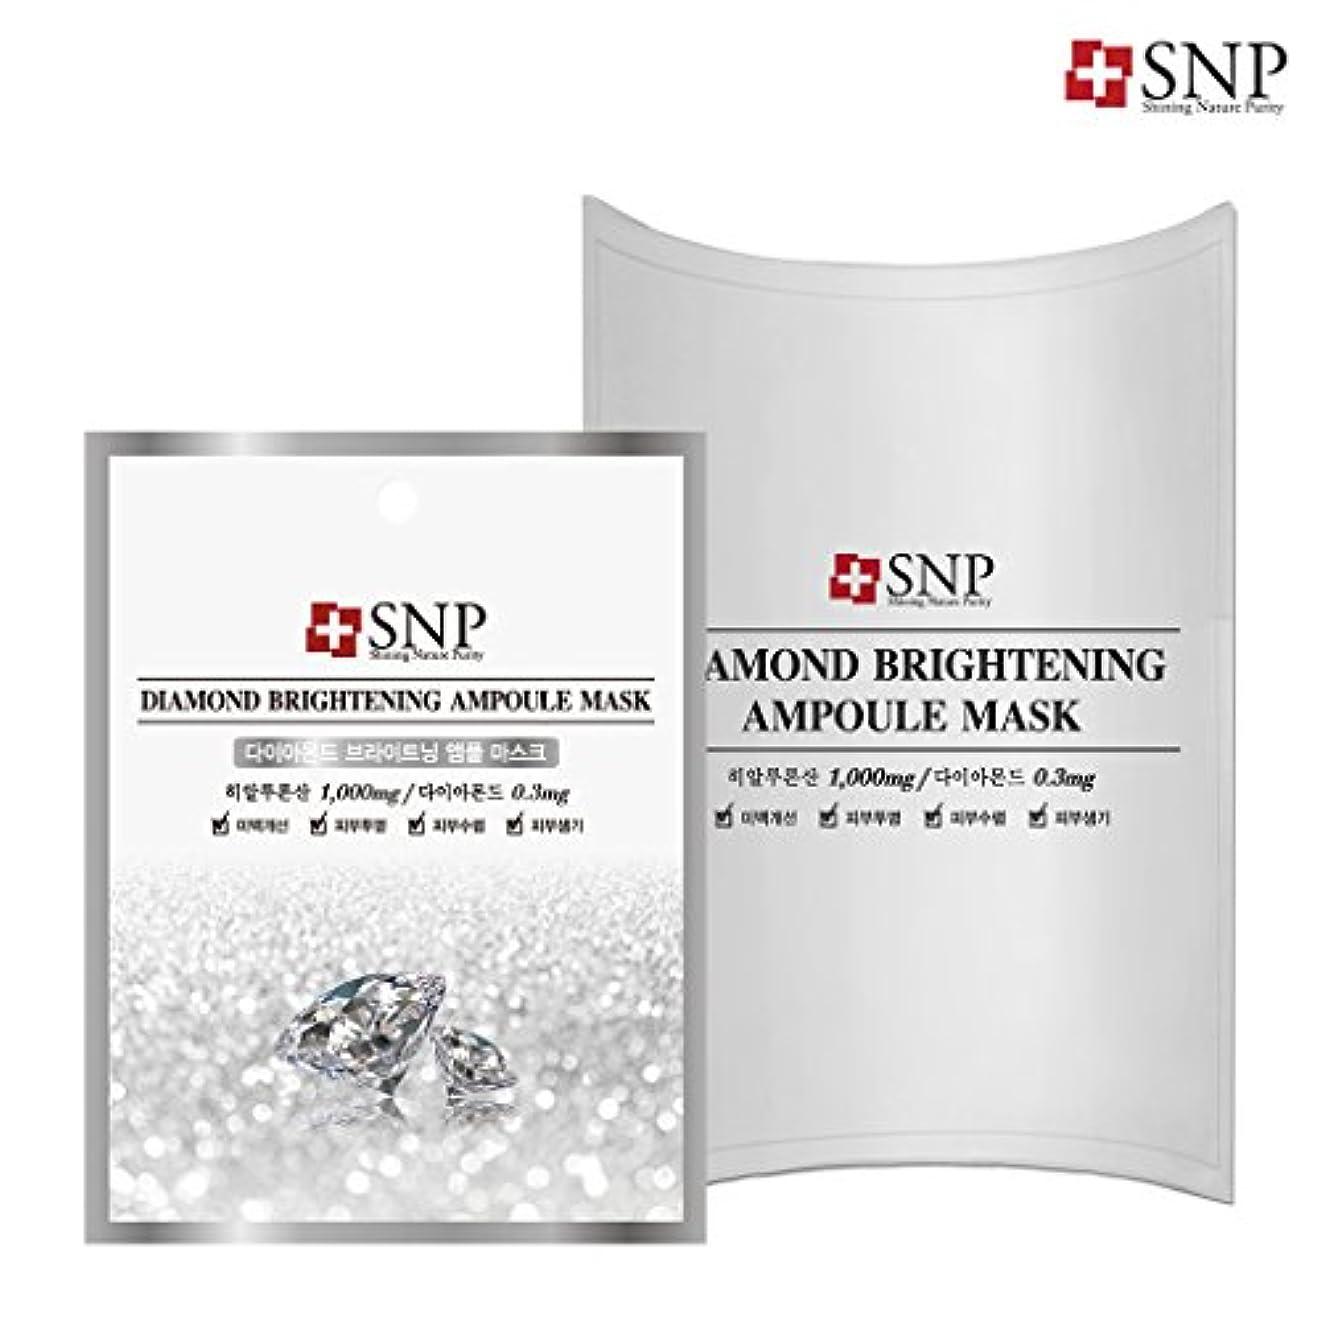 チップウェブ発行SNP ダイアモンド ブライトニング アンプル マスク (10枚) 10枚/DIAMOND BRIGHTENING AMPOULE MASK 10EA[海外直送品]